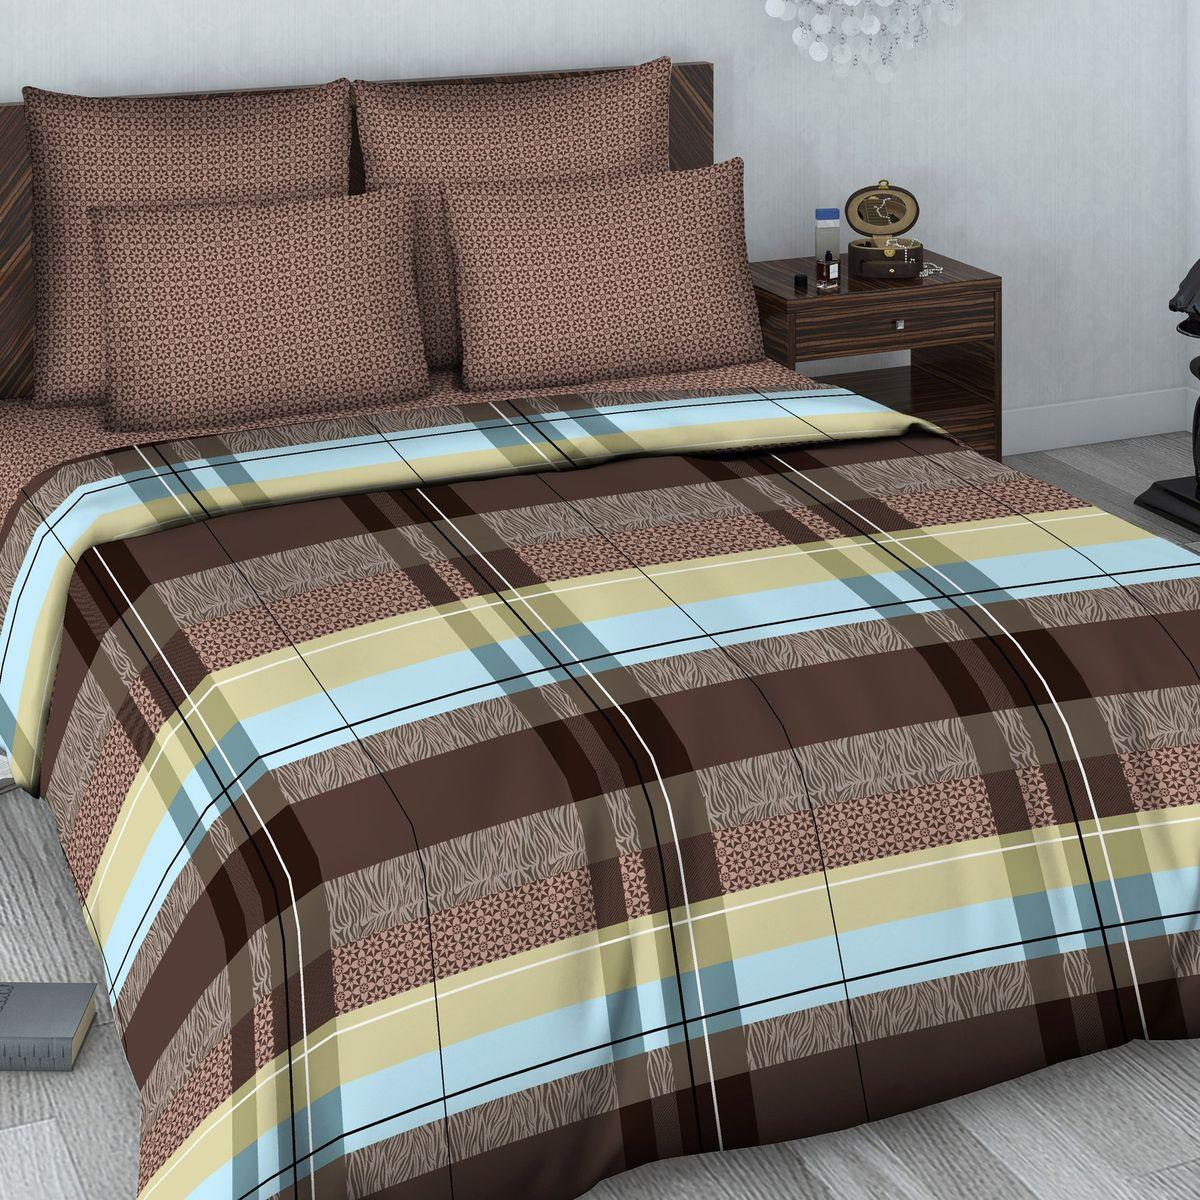 Комплект белья Василиса, 2-спальный, наволочки 70х70. 604_1/2DAVC150Комплект постельного белья Василиса состоит из пододеяльника, простыни и двух наволочек. Белье изготовлено из высококачественного сатина (100% хлопка). Постельное белье представляет собой блестящую и плотную ткань. Ткань очень приятна на ощупь, сатиновое постельное белье долговечно и выдерживает большое число стирок.Приобретая комплект постельного белья Василиса, вы можете быть уверены в том, что покупка доставит вам удовольствие и подарит максимальный комфорт.